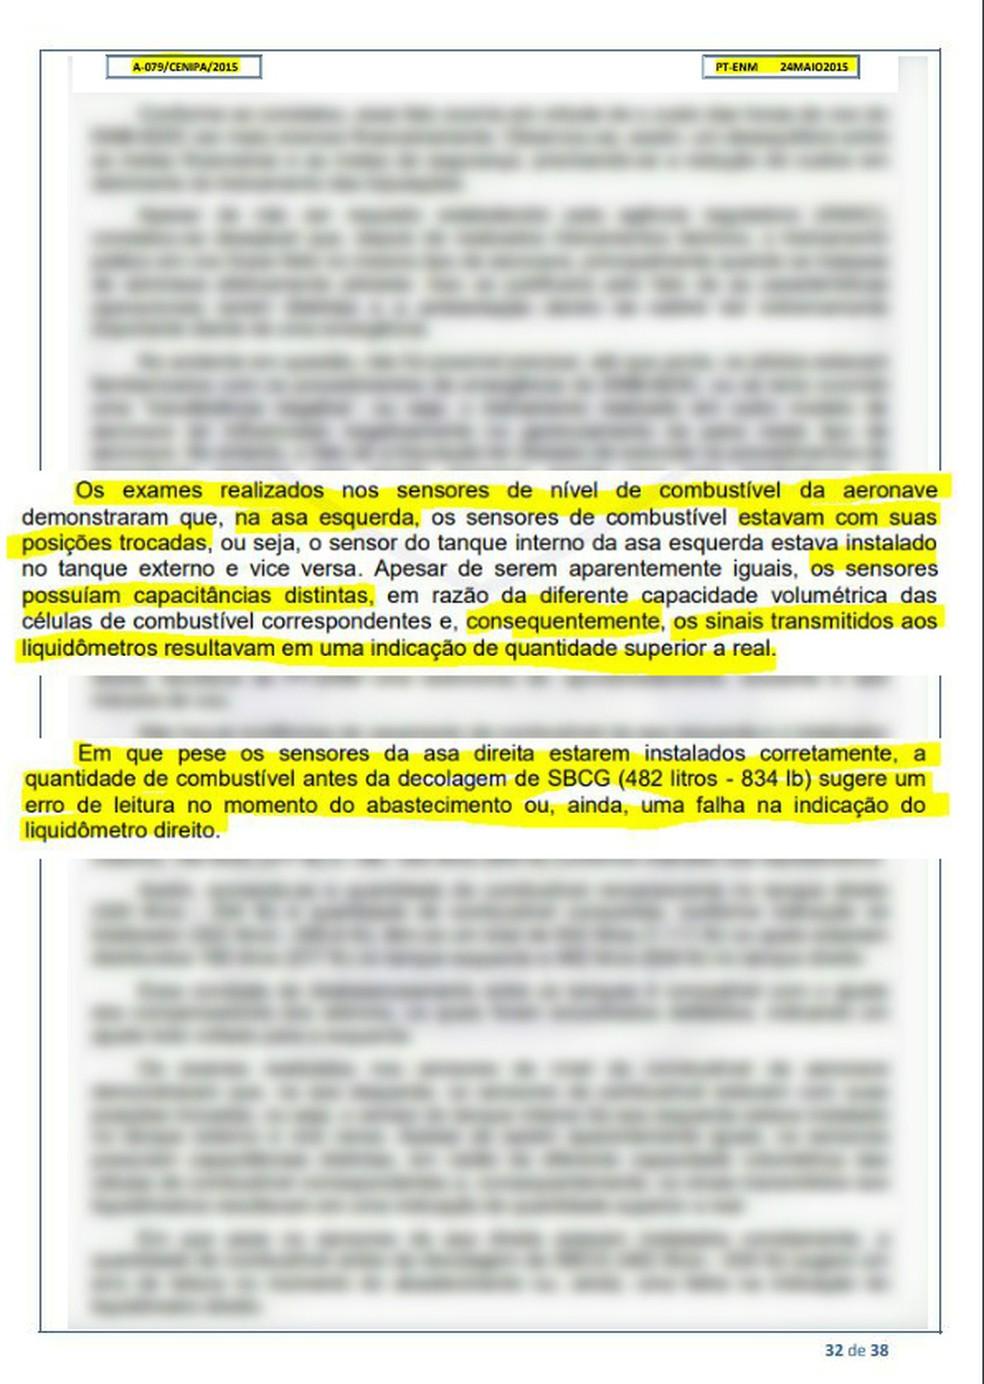 Relatório da Cenipa aponta problemas mecânicos em aeronave que fez pouso forçado em MS — Foto: Cenipa/Divulgação